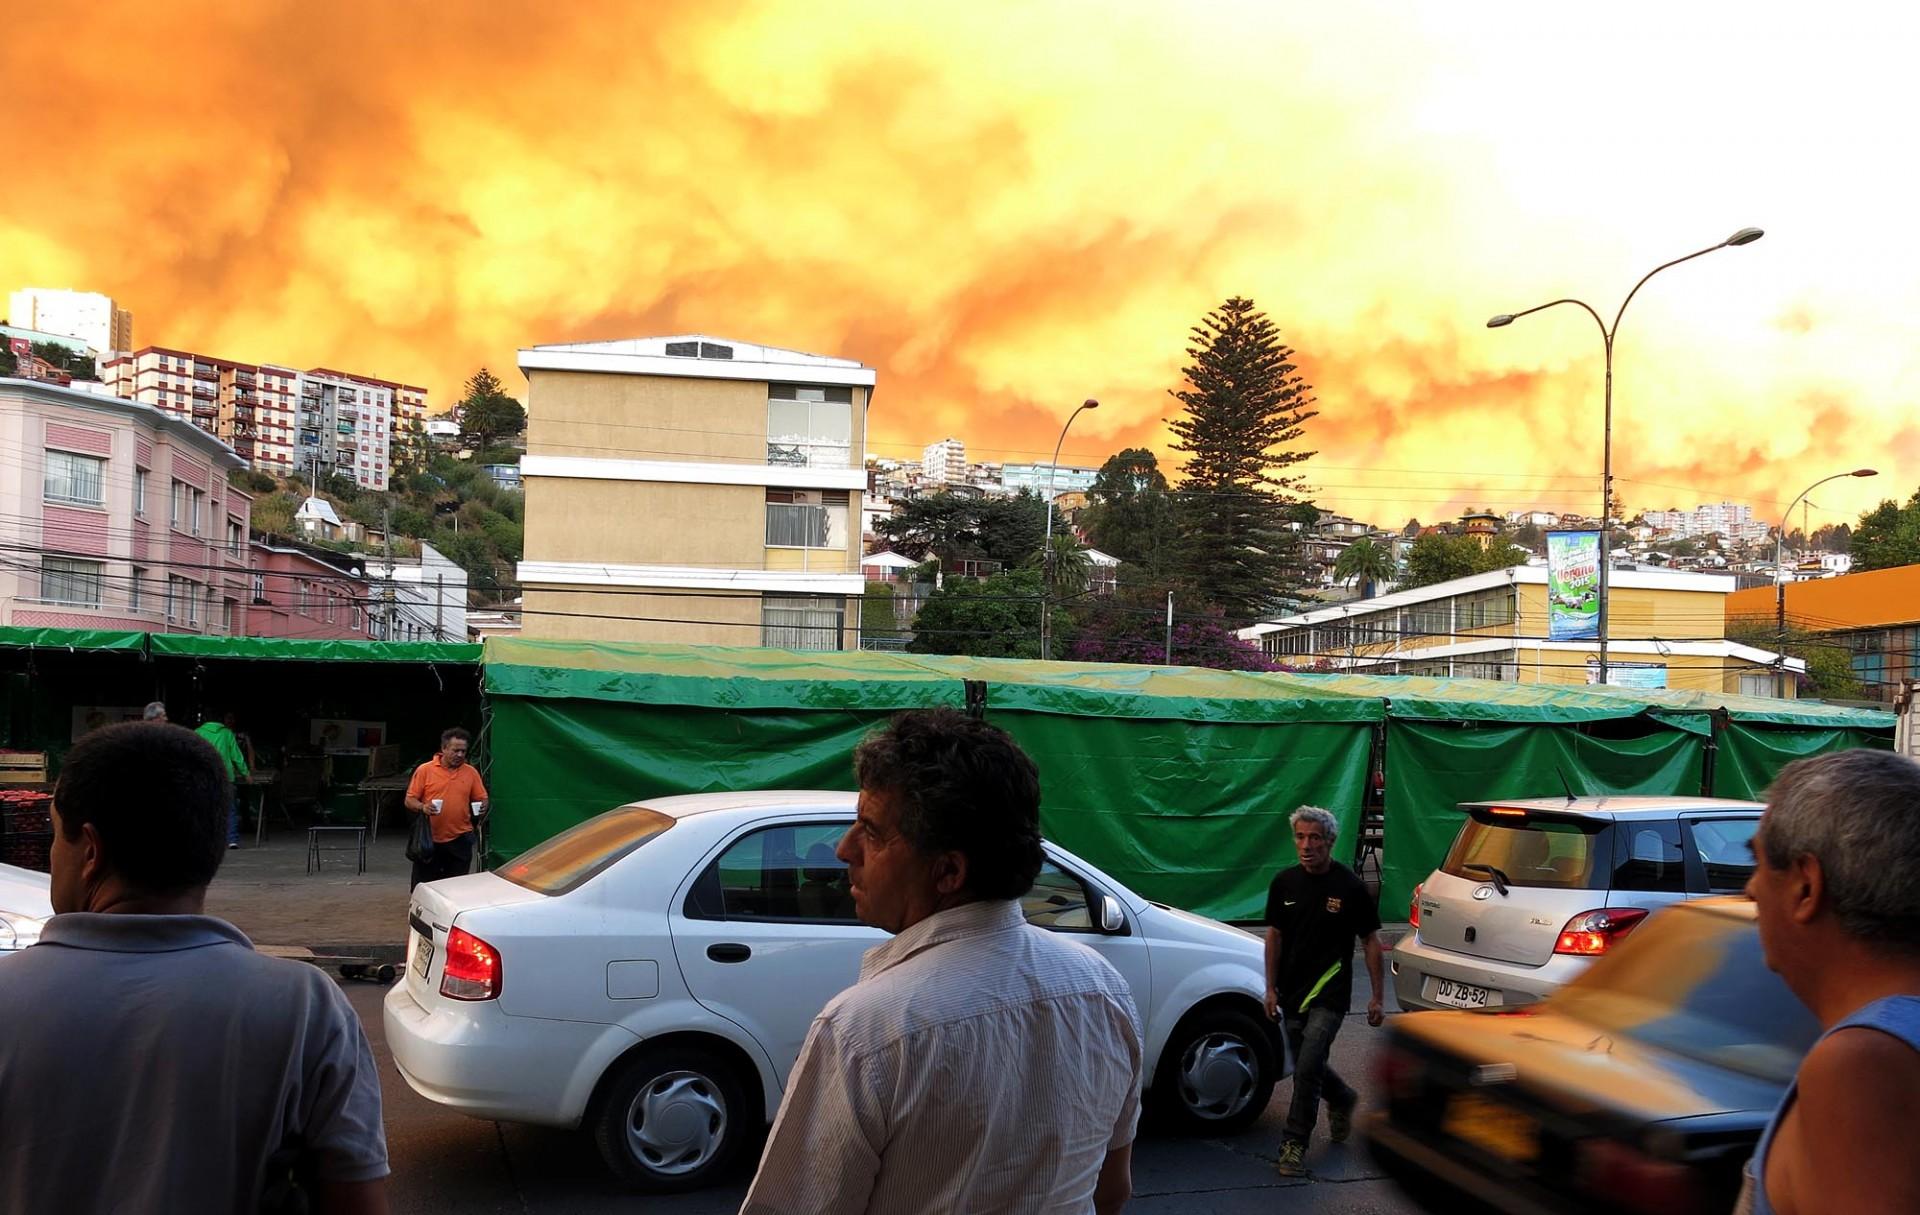 incendio hd 14marzo (2)